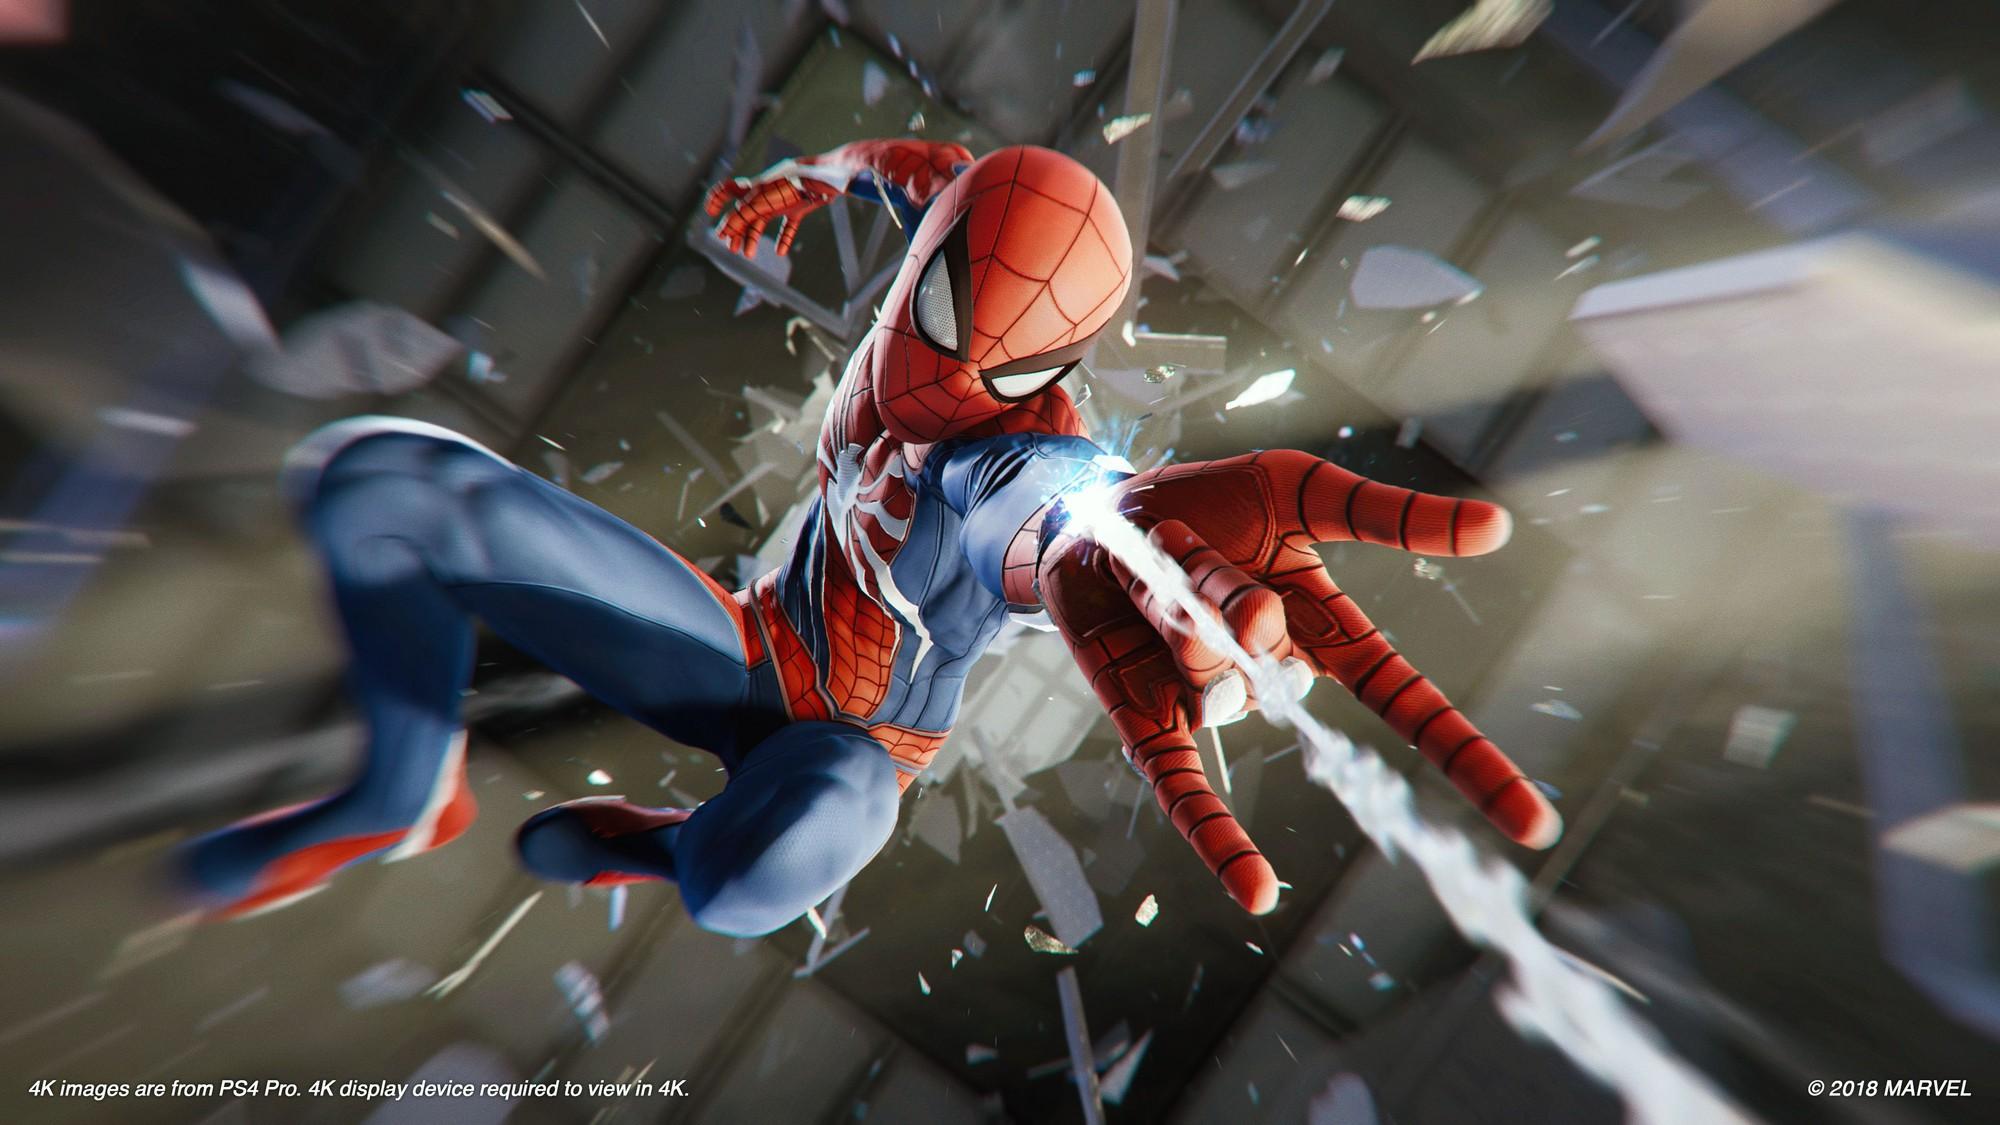 Tải game Spider man về máy tính giúp bạn có nhiều trải nghiệm hàng ngày